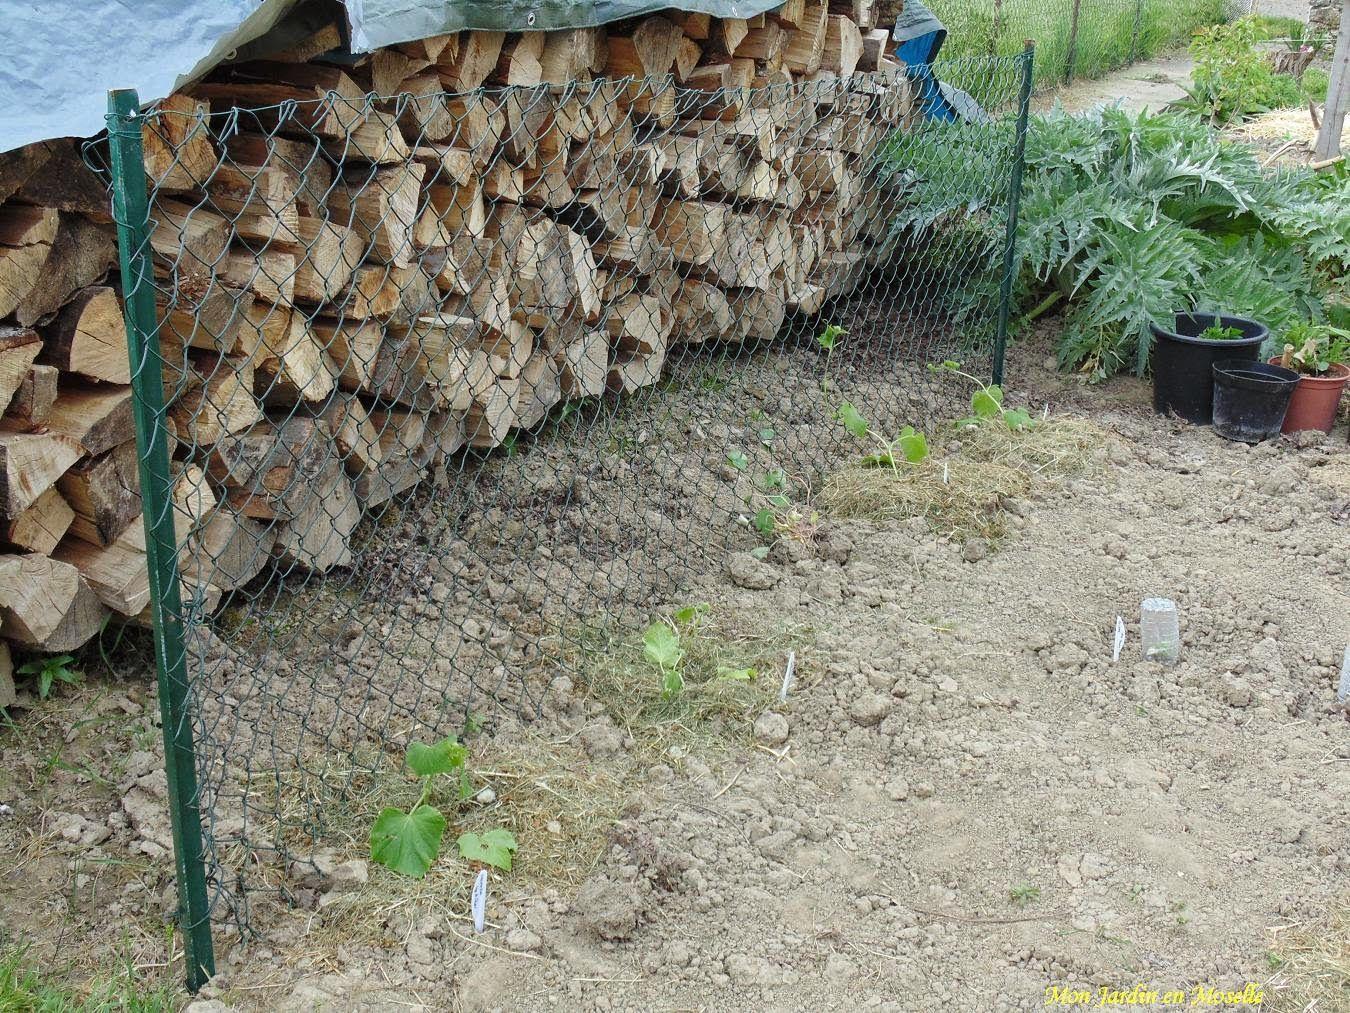 Mon Jardin en Moselle - pan de grillage pour les concombres et ...